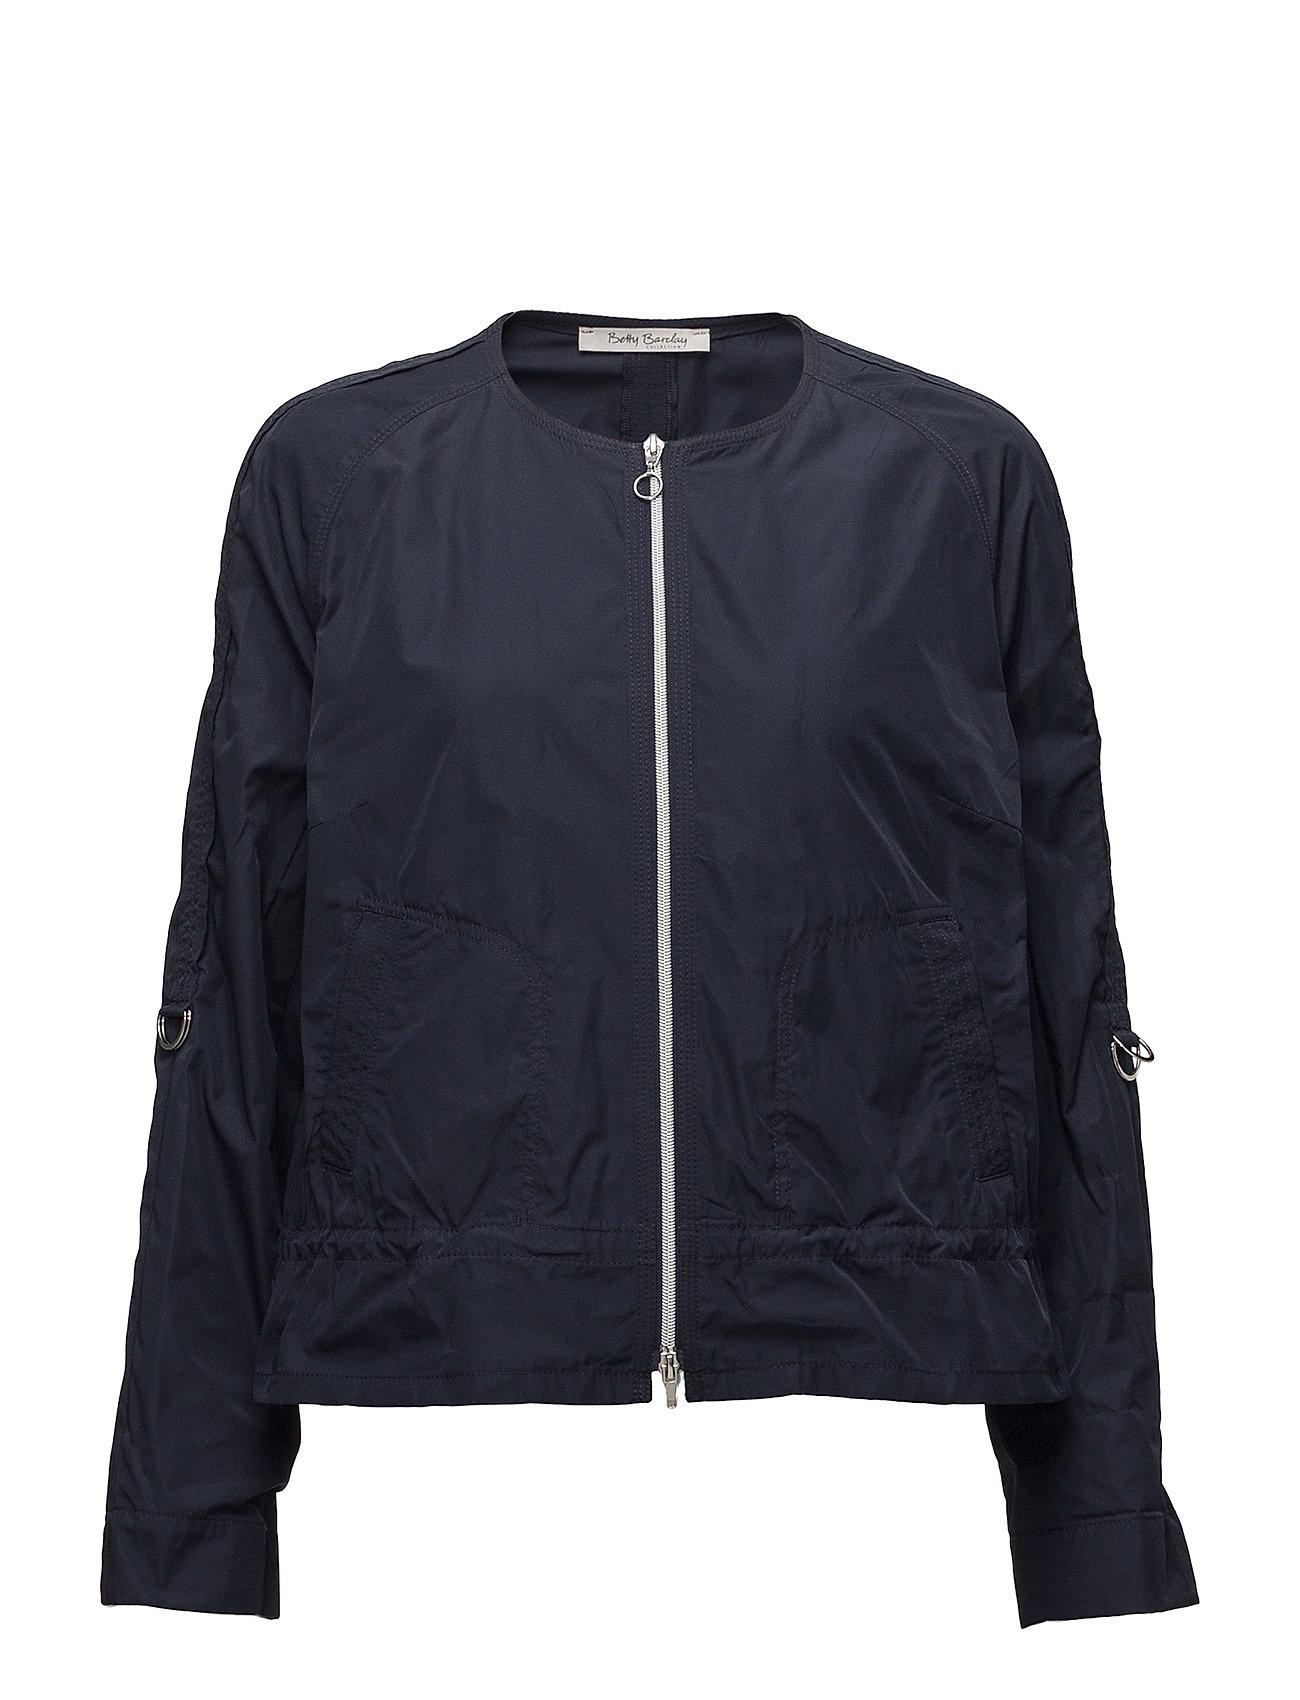 blazer jacket short 1 1 sleeve dark sky kr. Black Bedroom Furniture Sets. Home Design Ideas